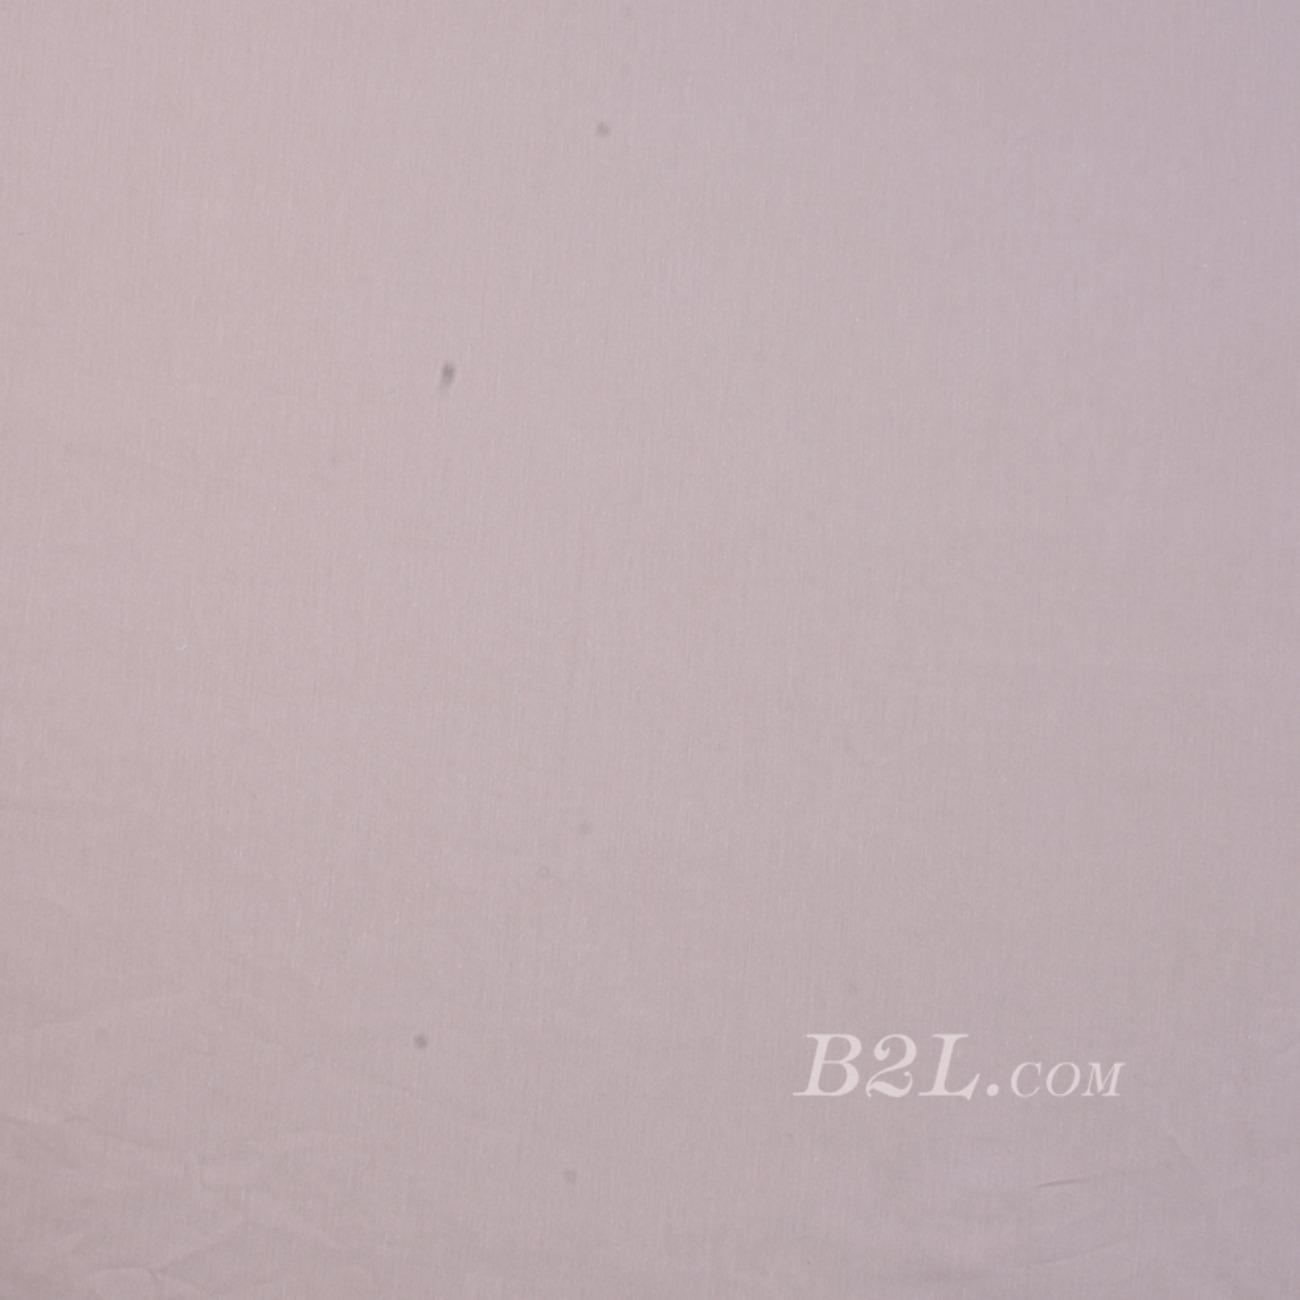 斜纹梭织素色染色连衣裙 短裙 衬衫 无弹 春 秋 柔软 70724-16